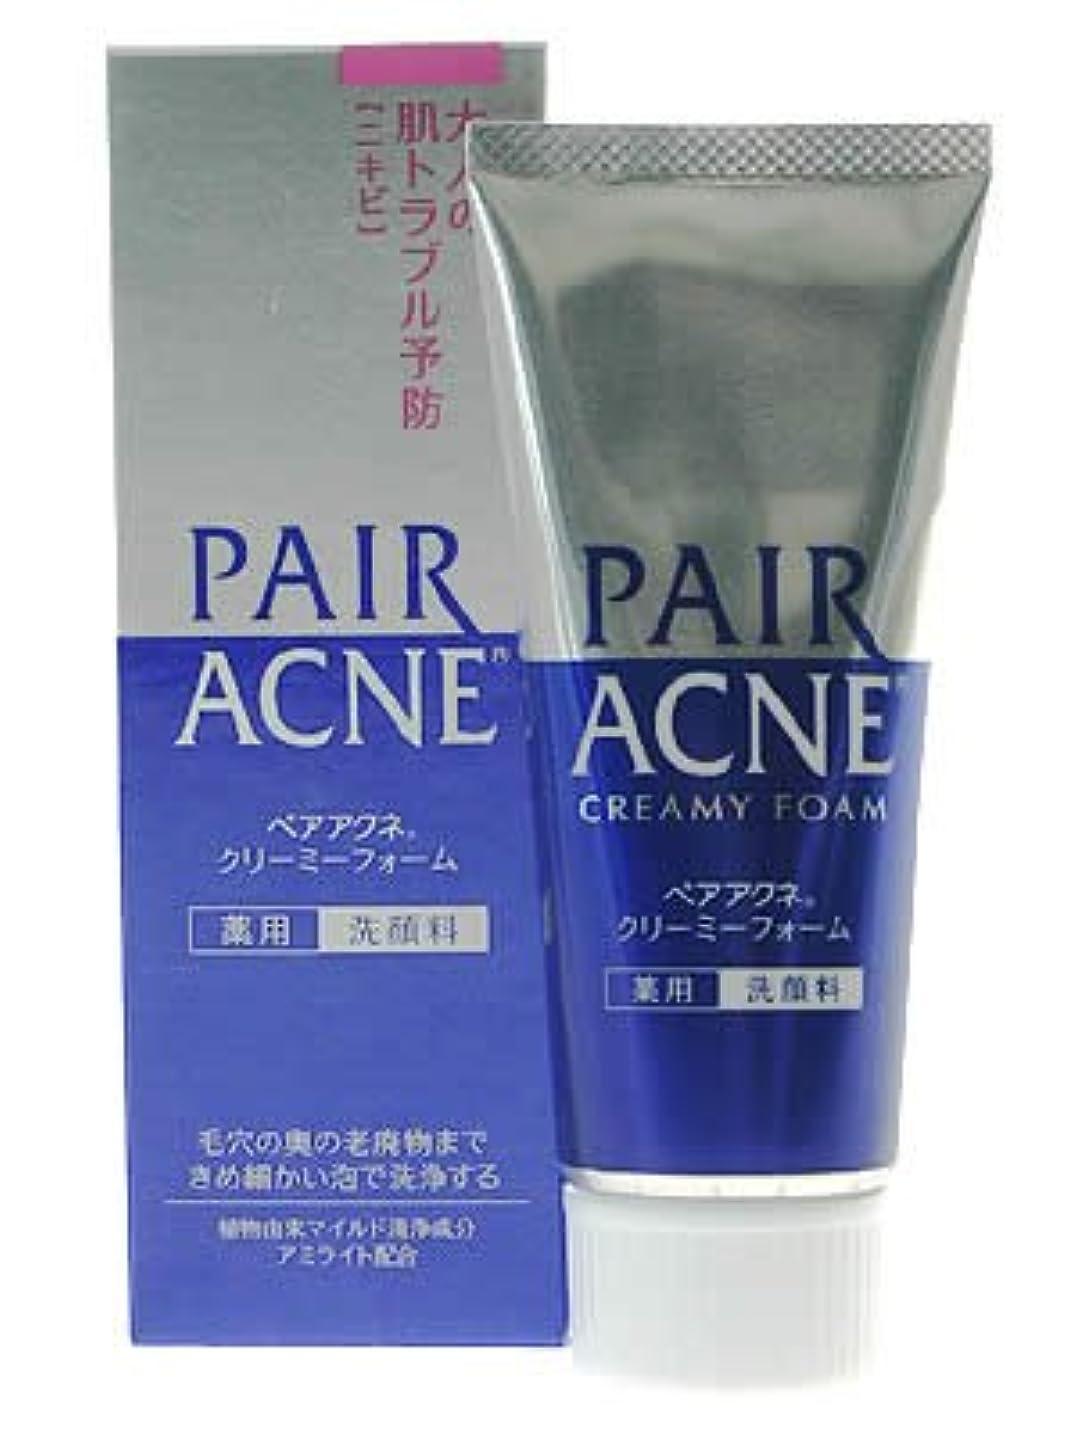 サーバ欠陥意欲ペアアクネ クリーミーフォーム 薬用洗顔料 80g(医薬部外品)